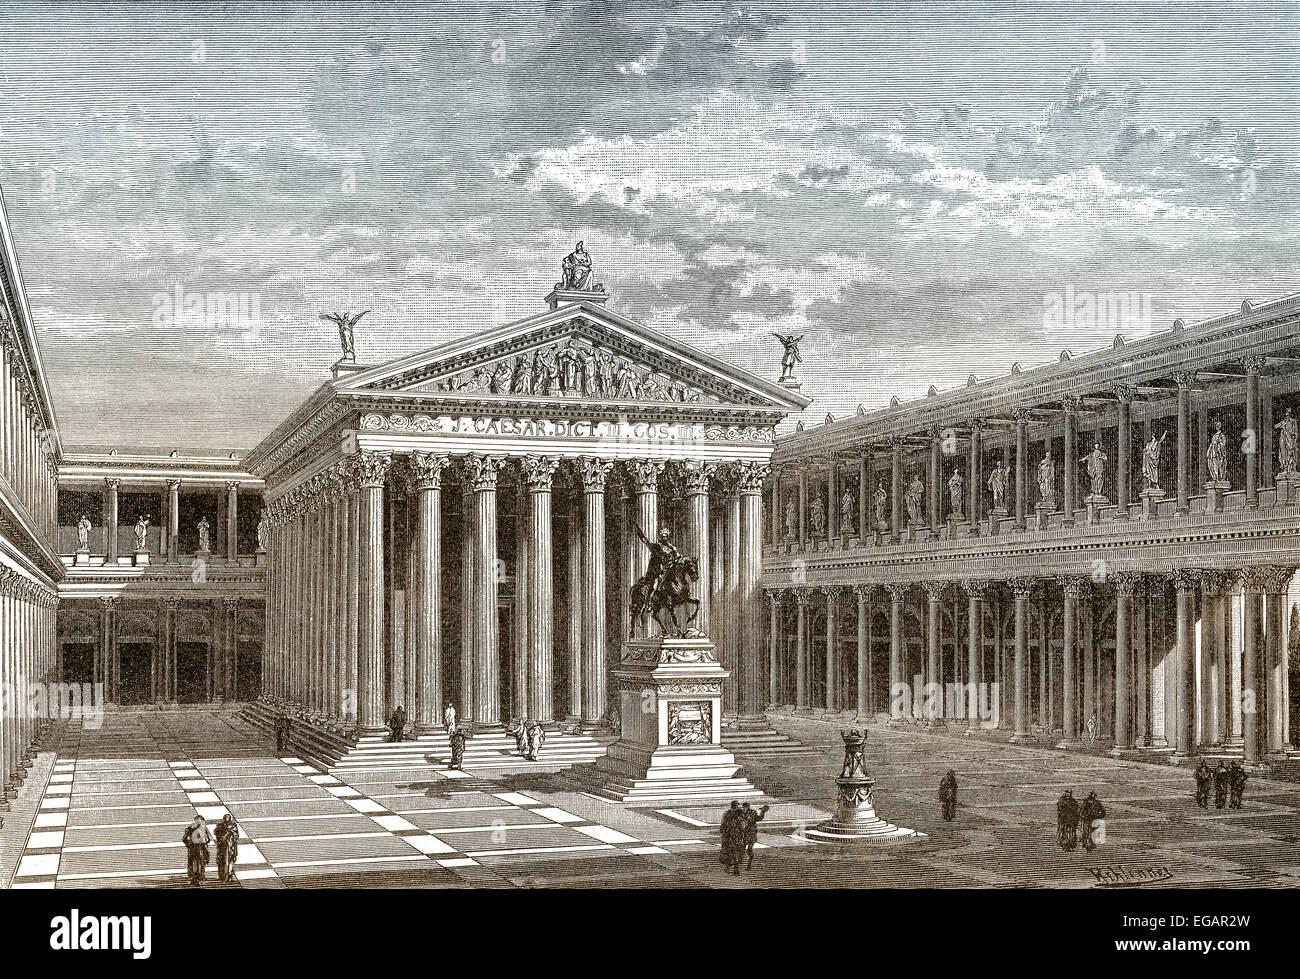 Reconstruction, the Forum of Caesar or Forum Iulium in ancient Rome, - Stock Image